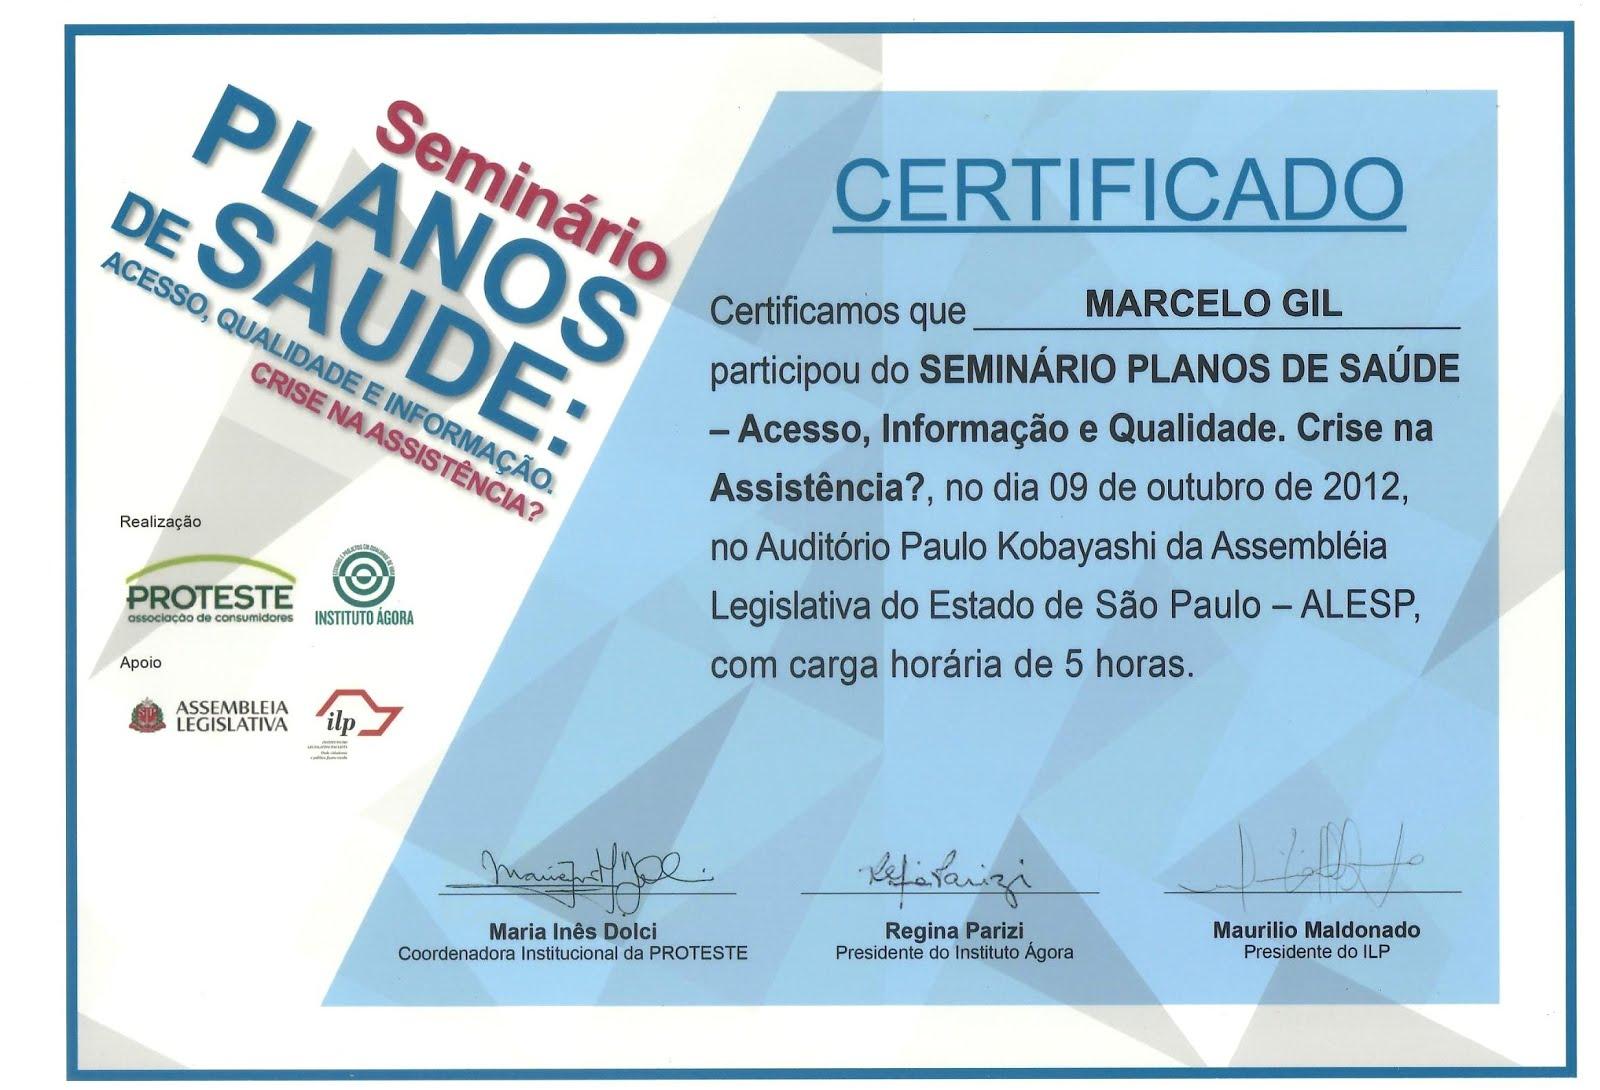 CERTIFICADO DE PARTICIPAÇÃO EM SEMINÁRIO DA ASSOCIAÇÃO BRASILEIRA DE DEFESA DO CONSUMIDOR / 2012